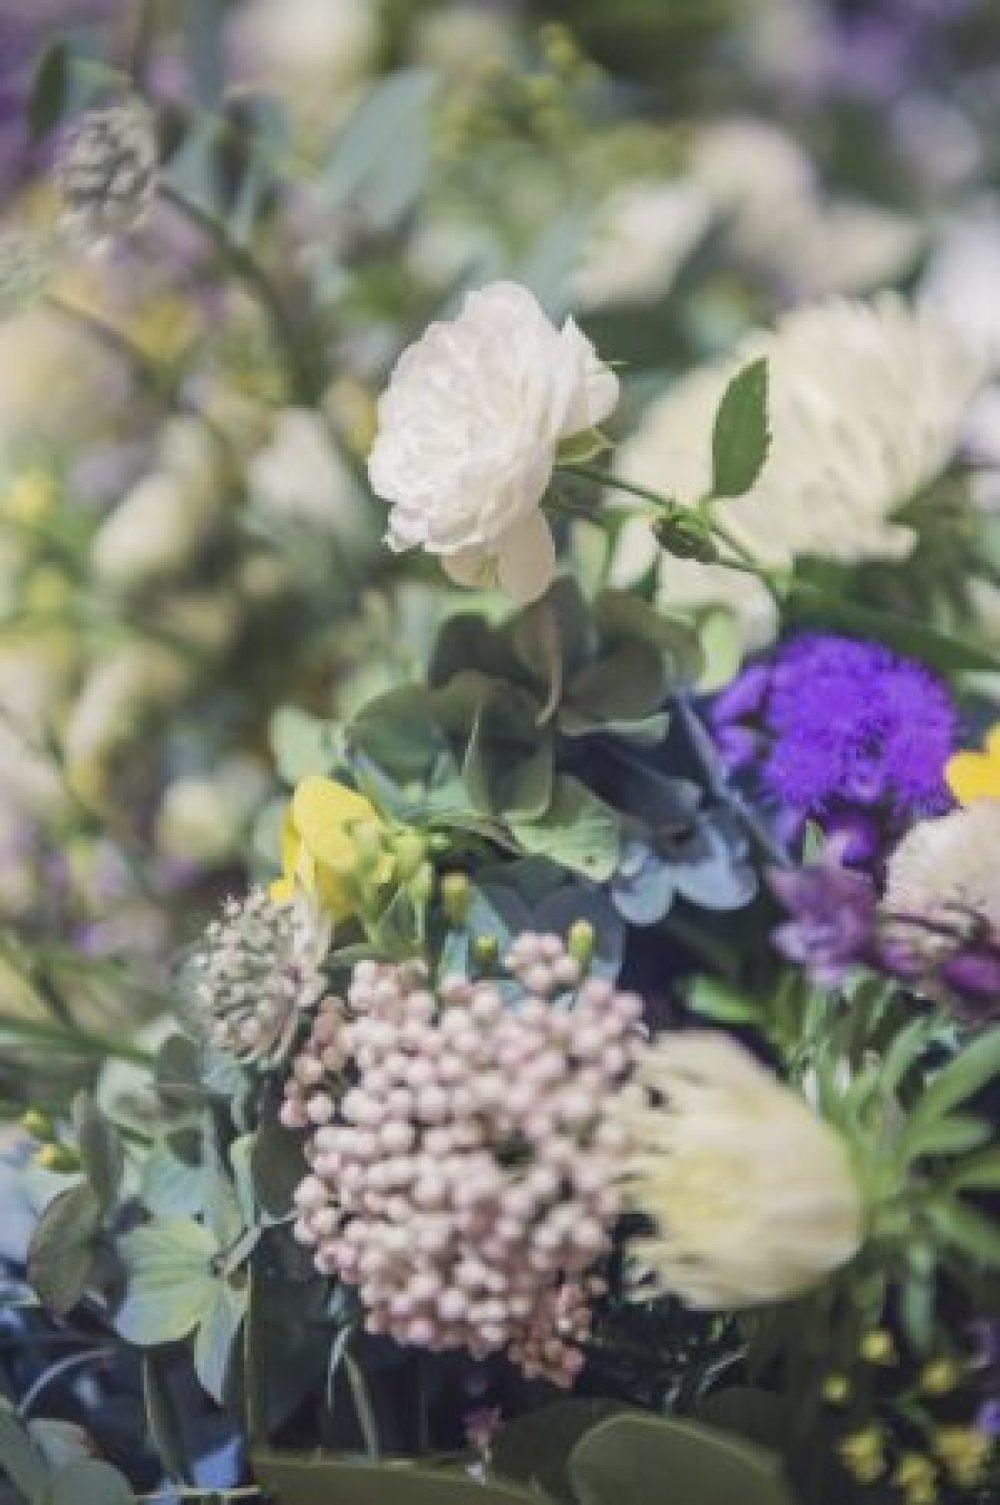 新郎新婦様からのメール 秋の装花 リストランテASOの花嫁様より_a0042928_01403077.jpg